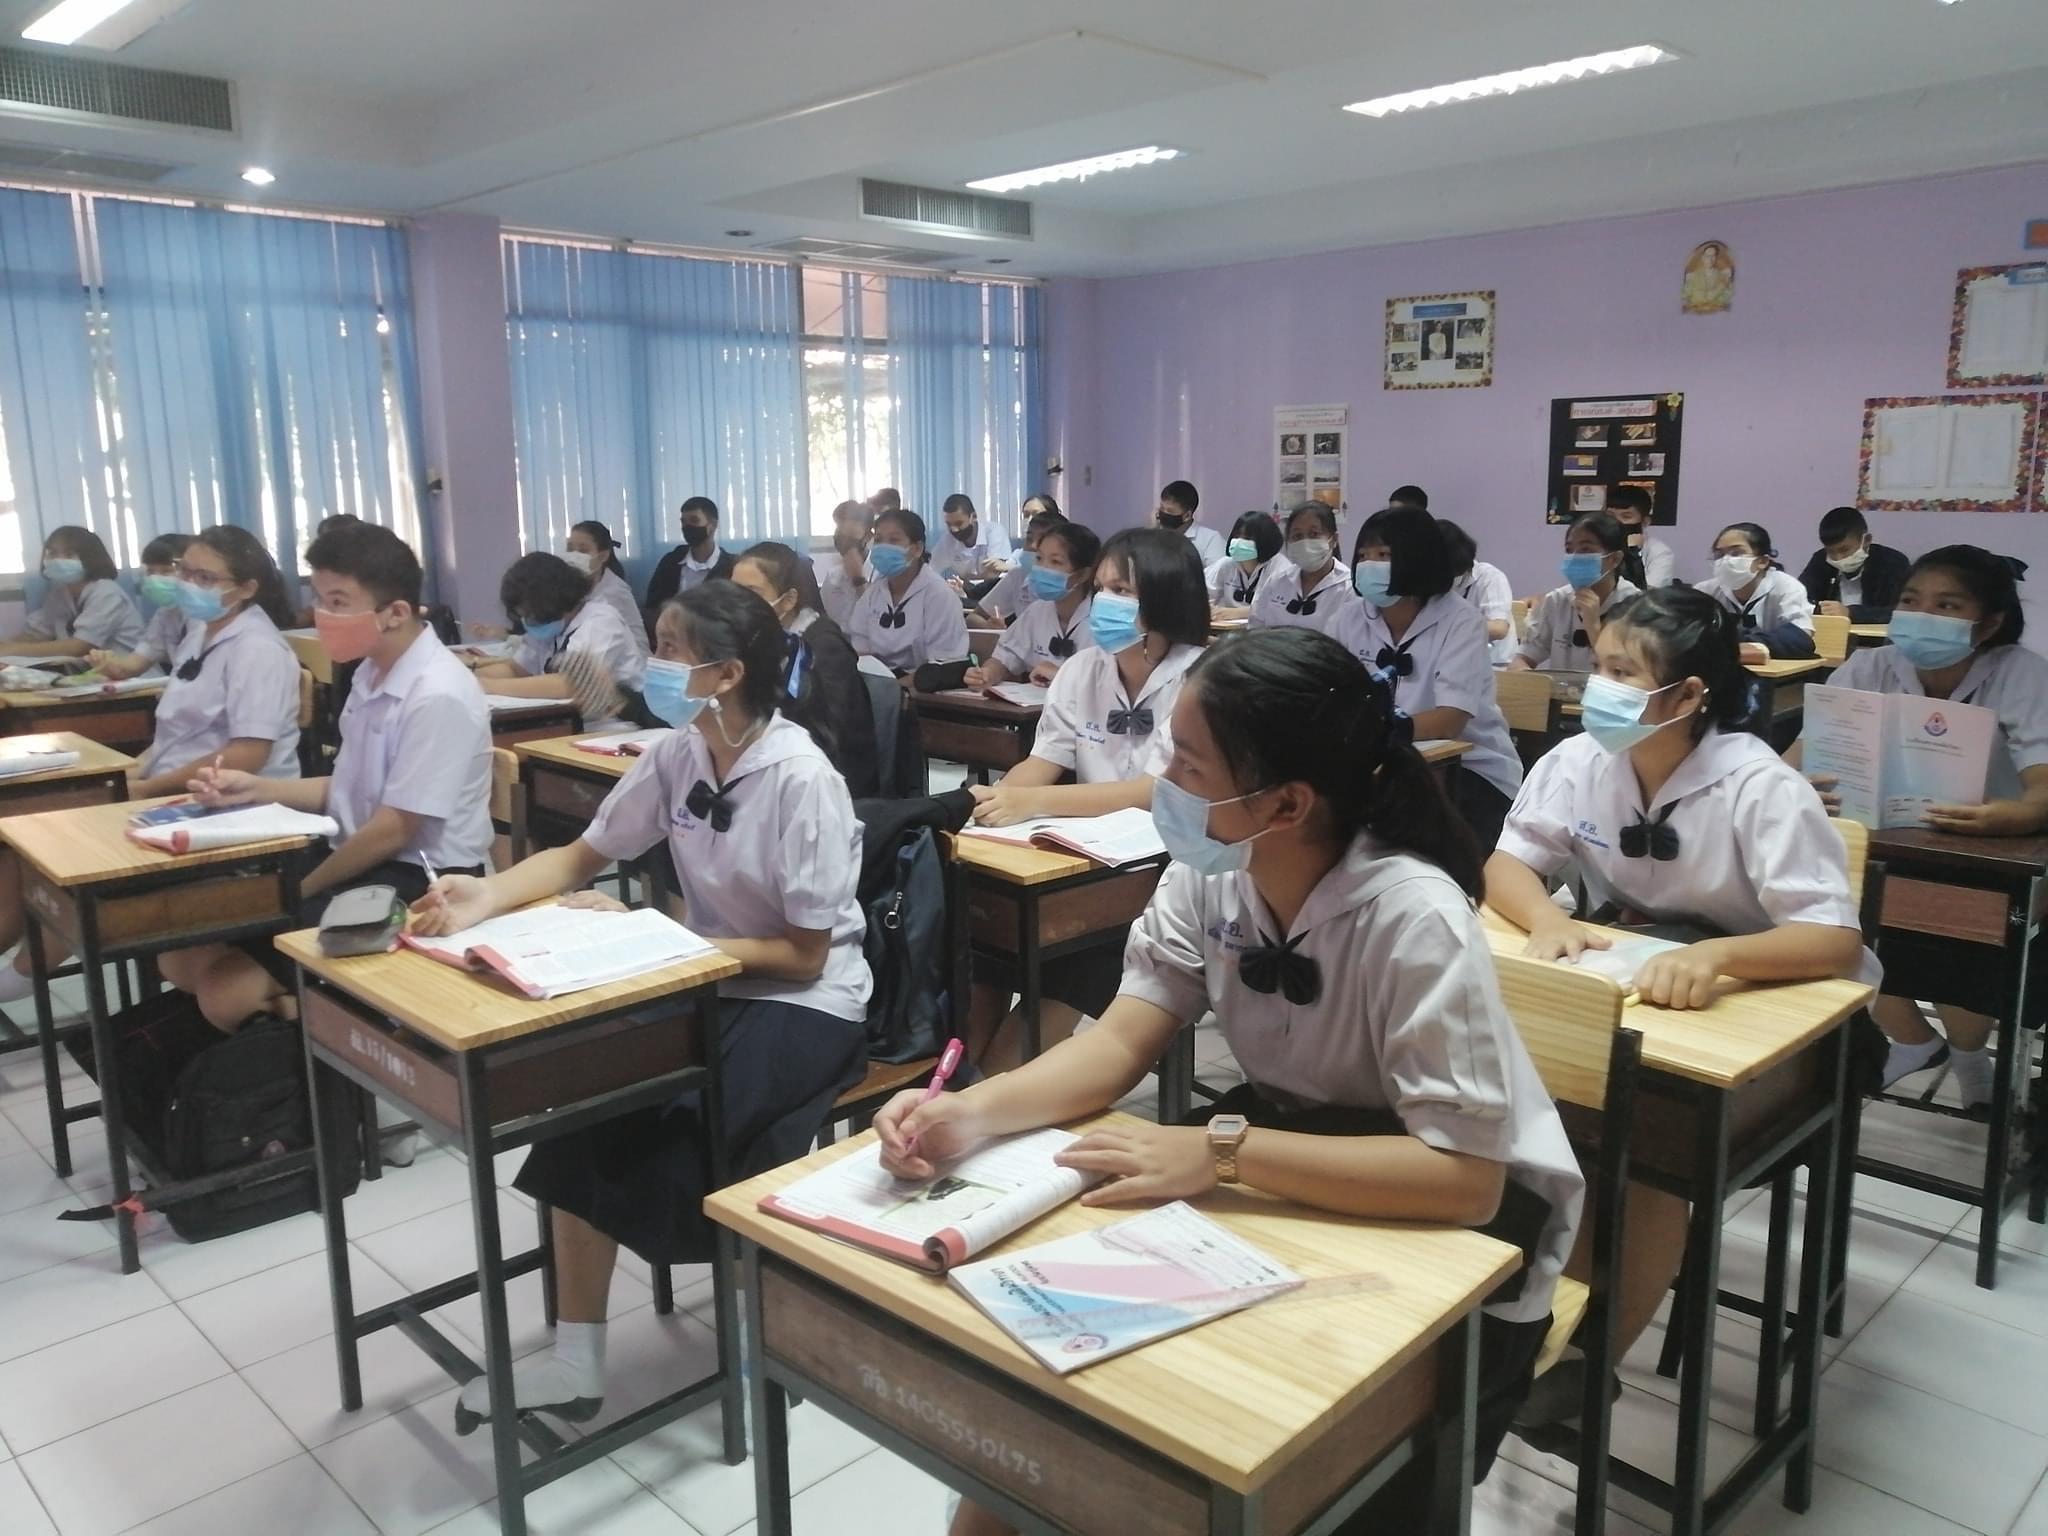 Schulbetrieb drinnen während Covid-19